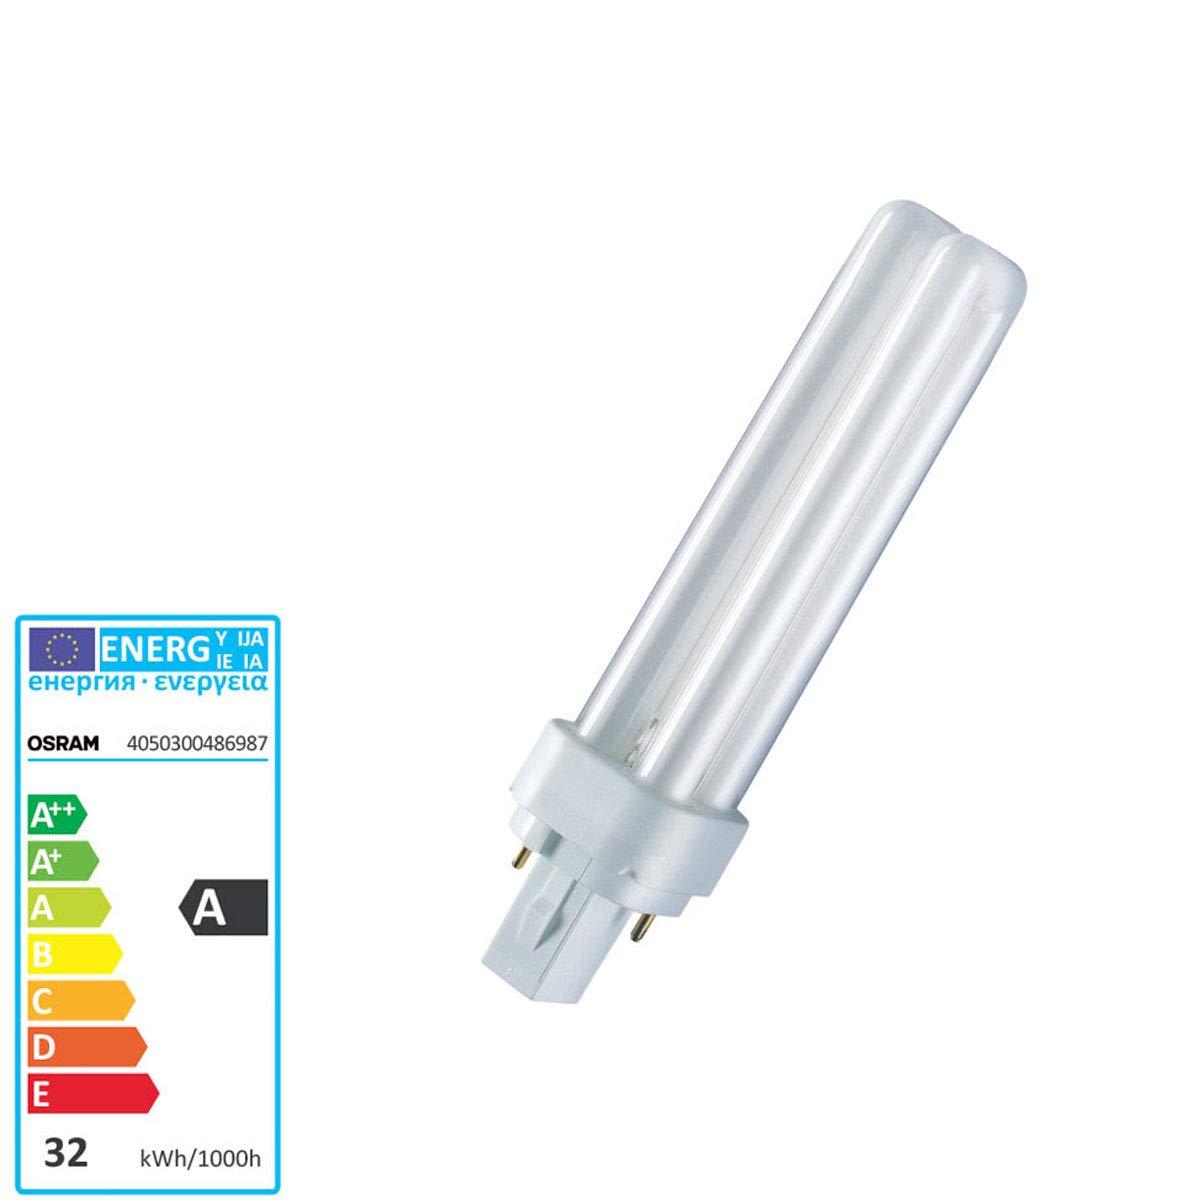 6500k Osram 4Ft 36w T8 Fluorescent Tube Daylight Colour 865